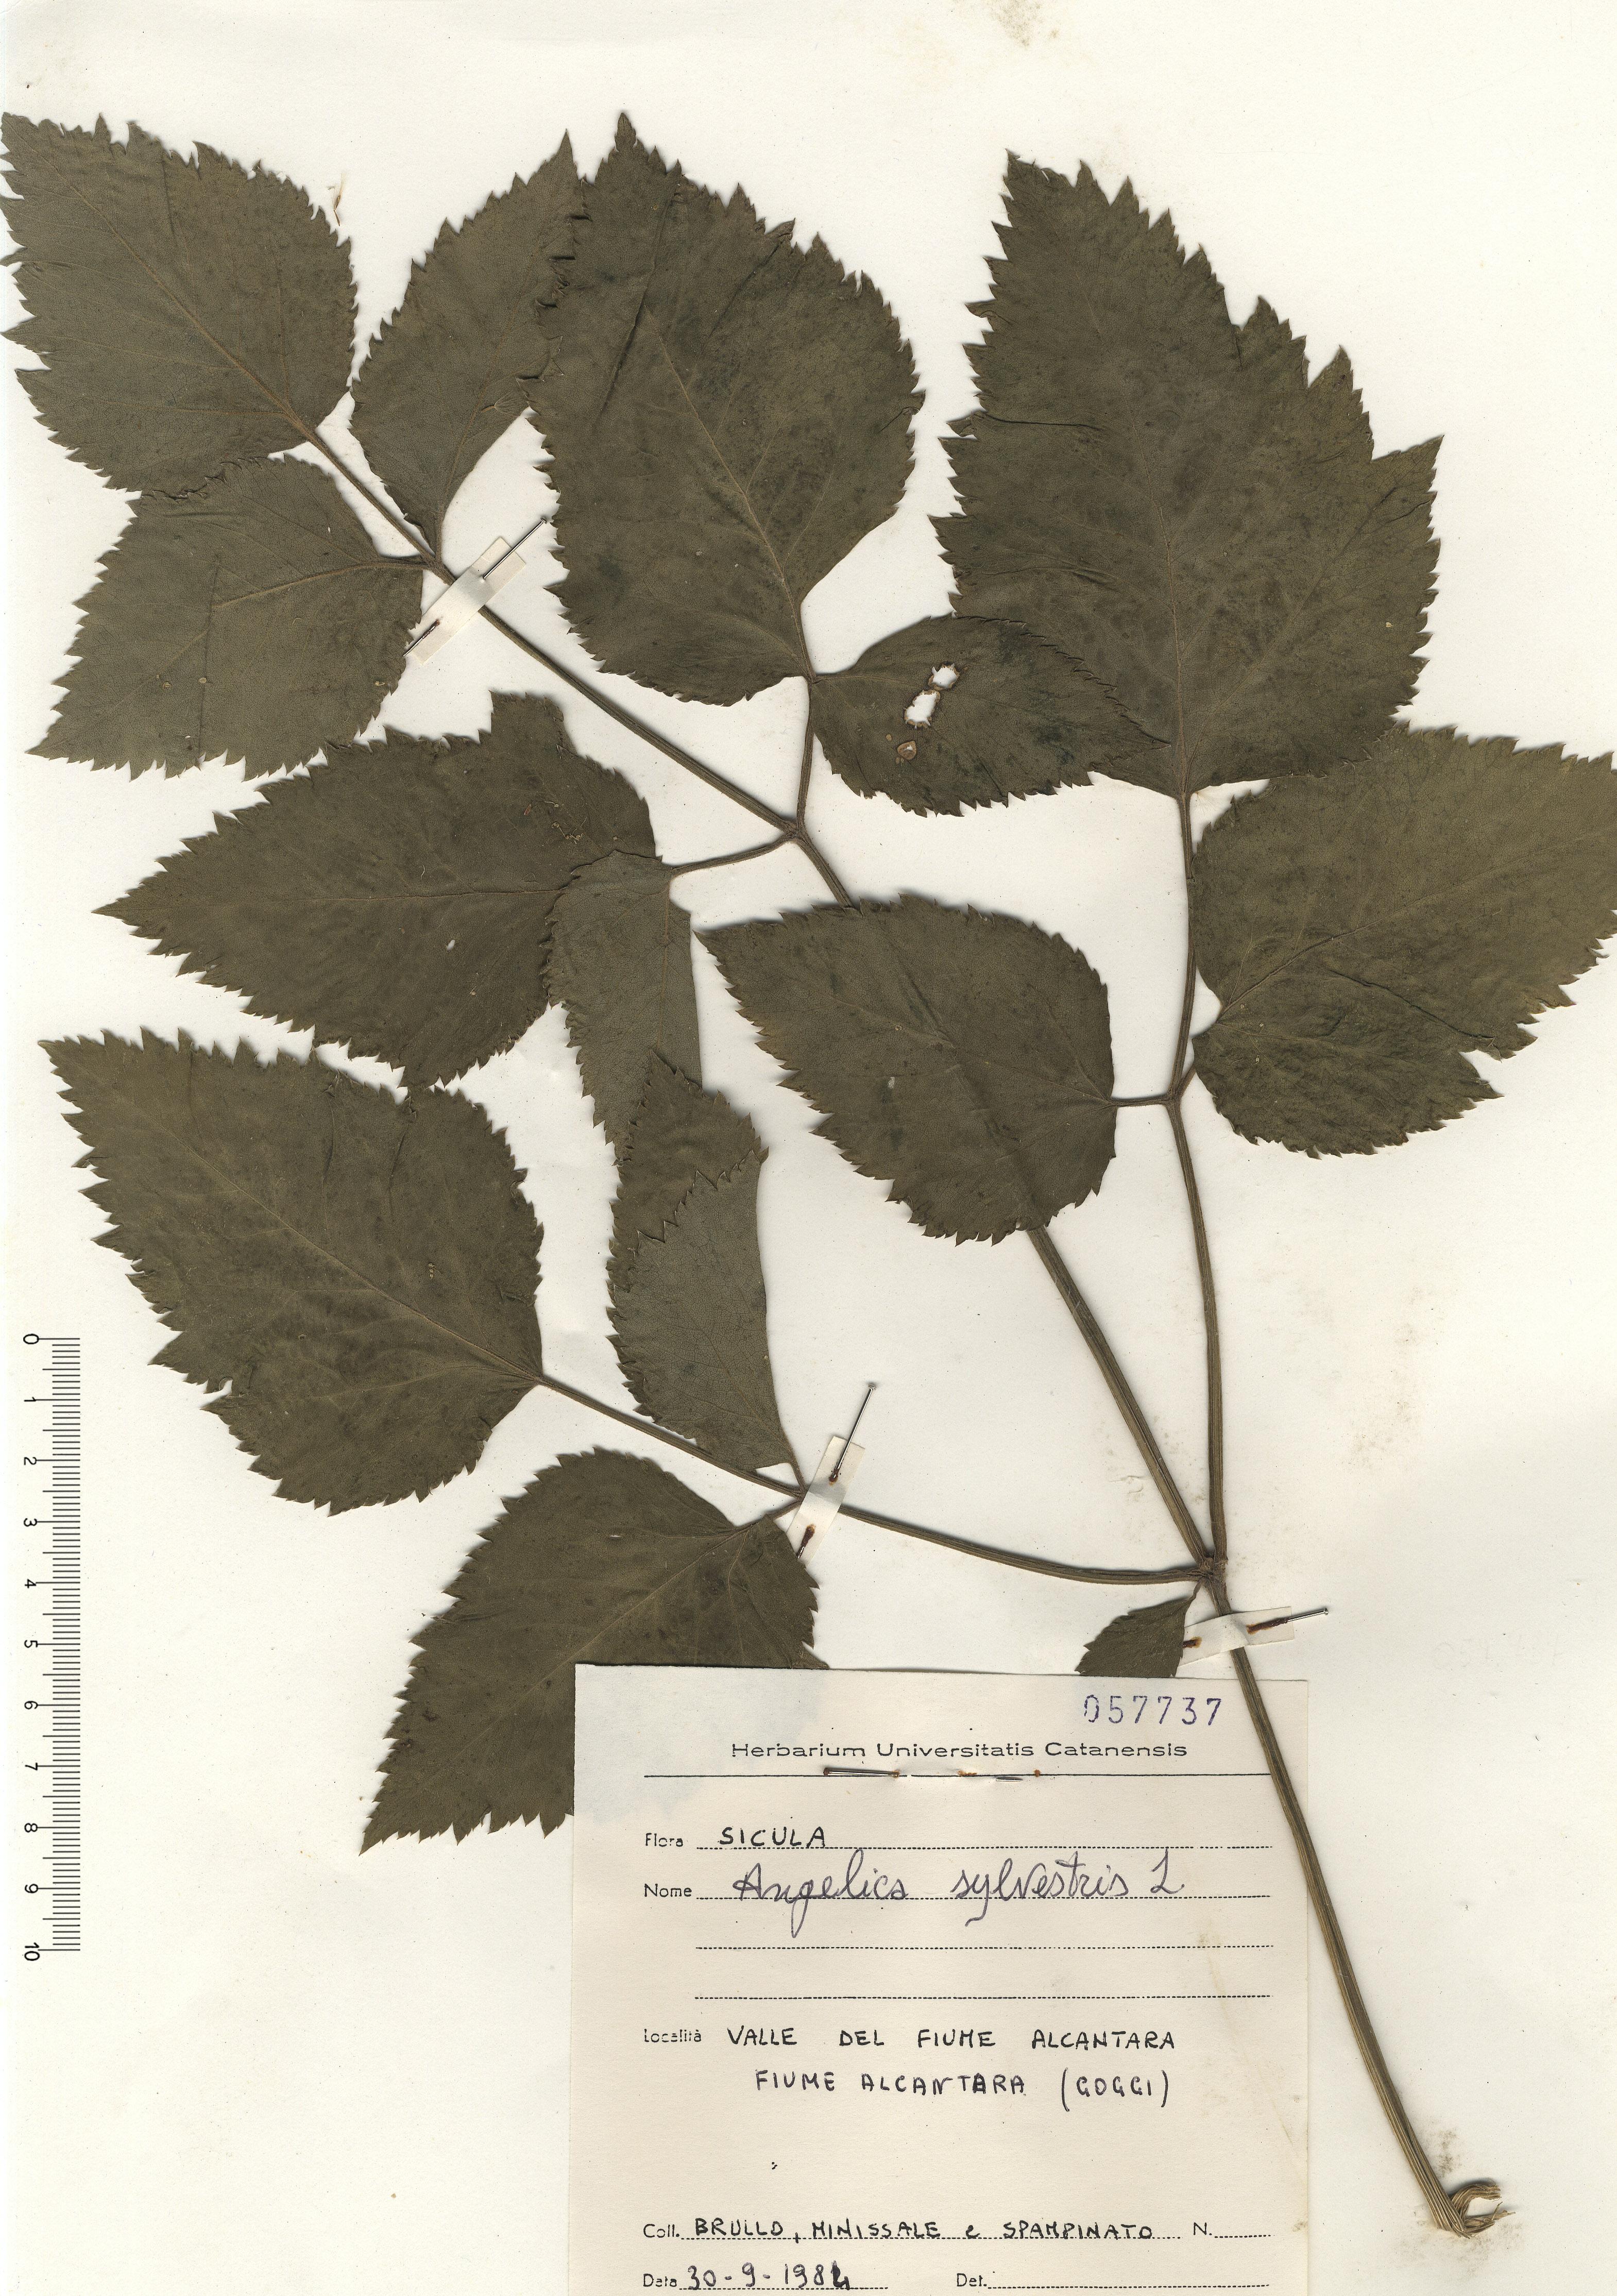 © Hortus Botanicus Catinensis - Herb sheet 057737<br>